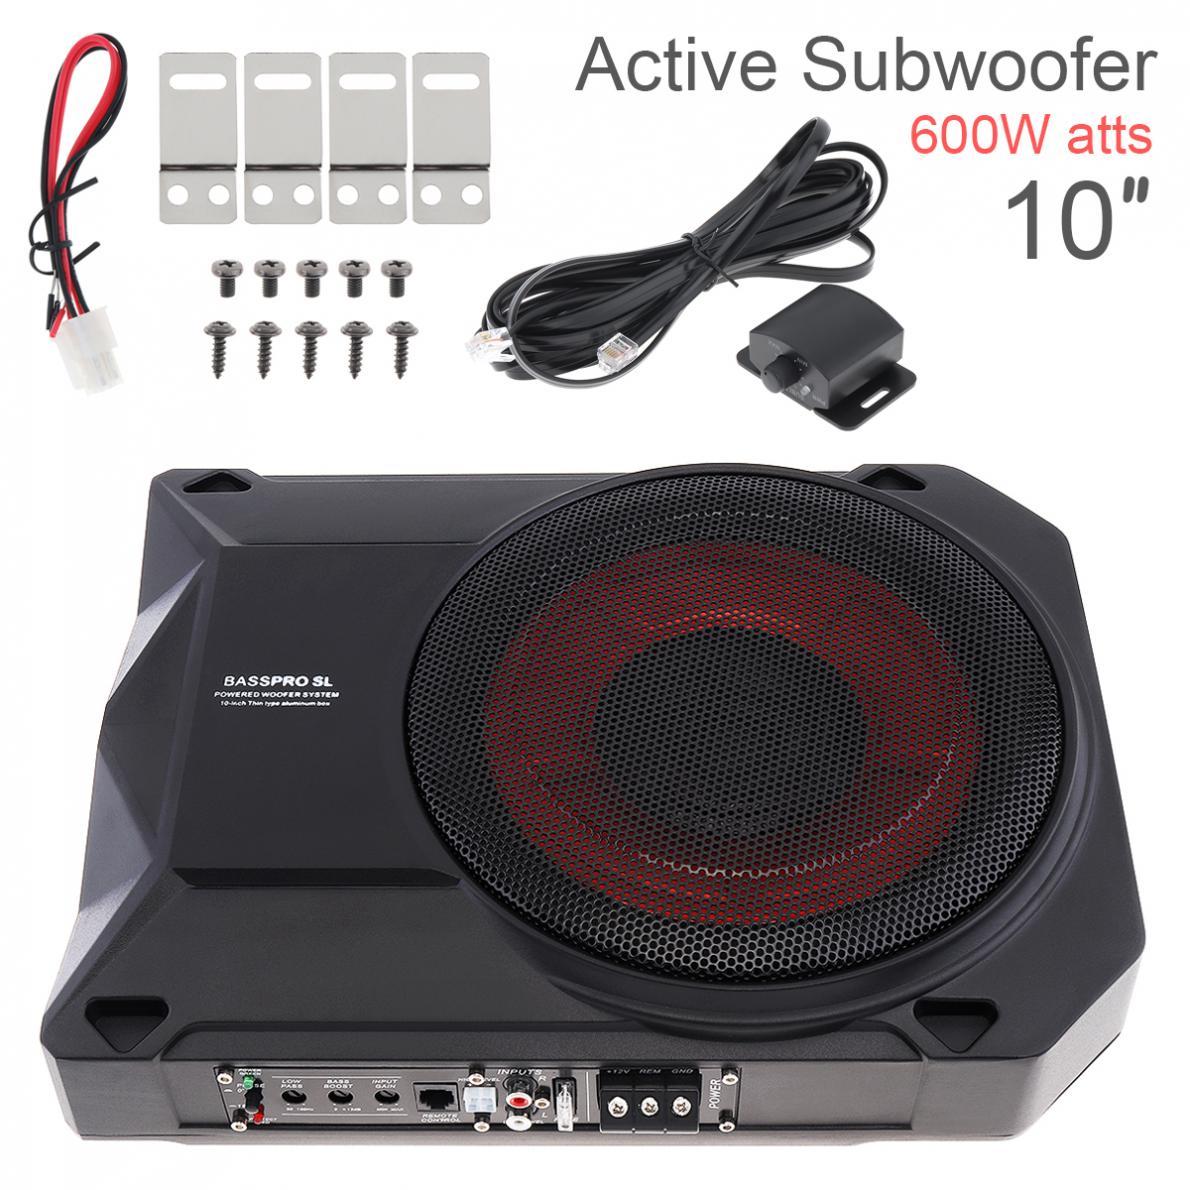 Noir universel 10 pouces 600W 12V Fuselage mince sous siège voiture Subwoofer actif amplificateur de basse haut-parleur